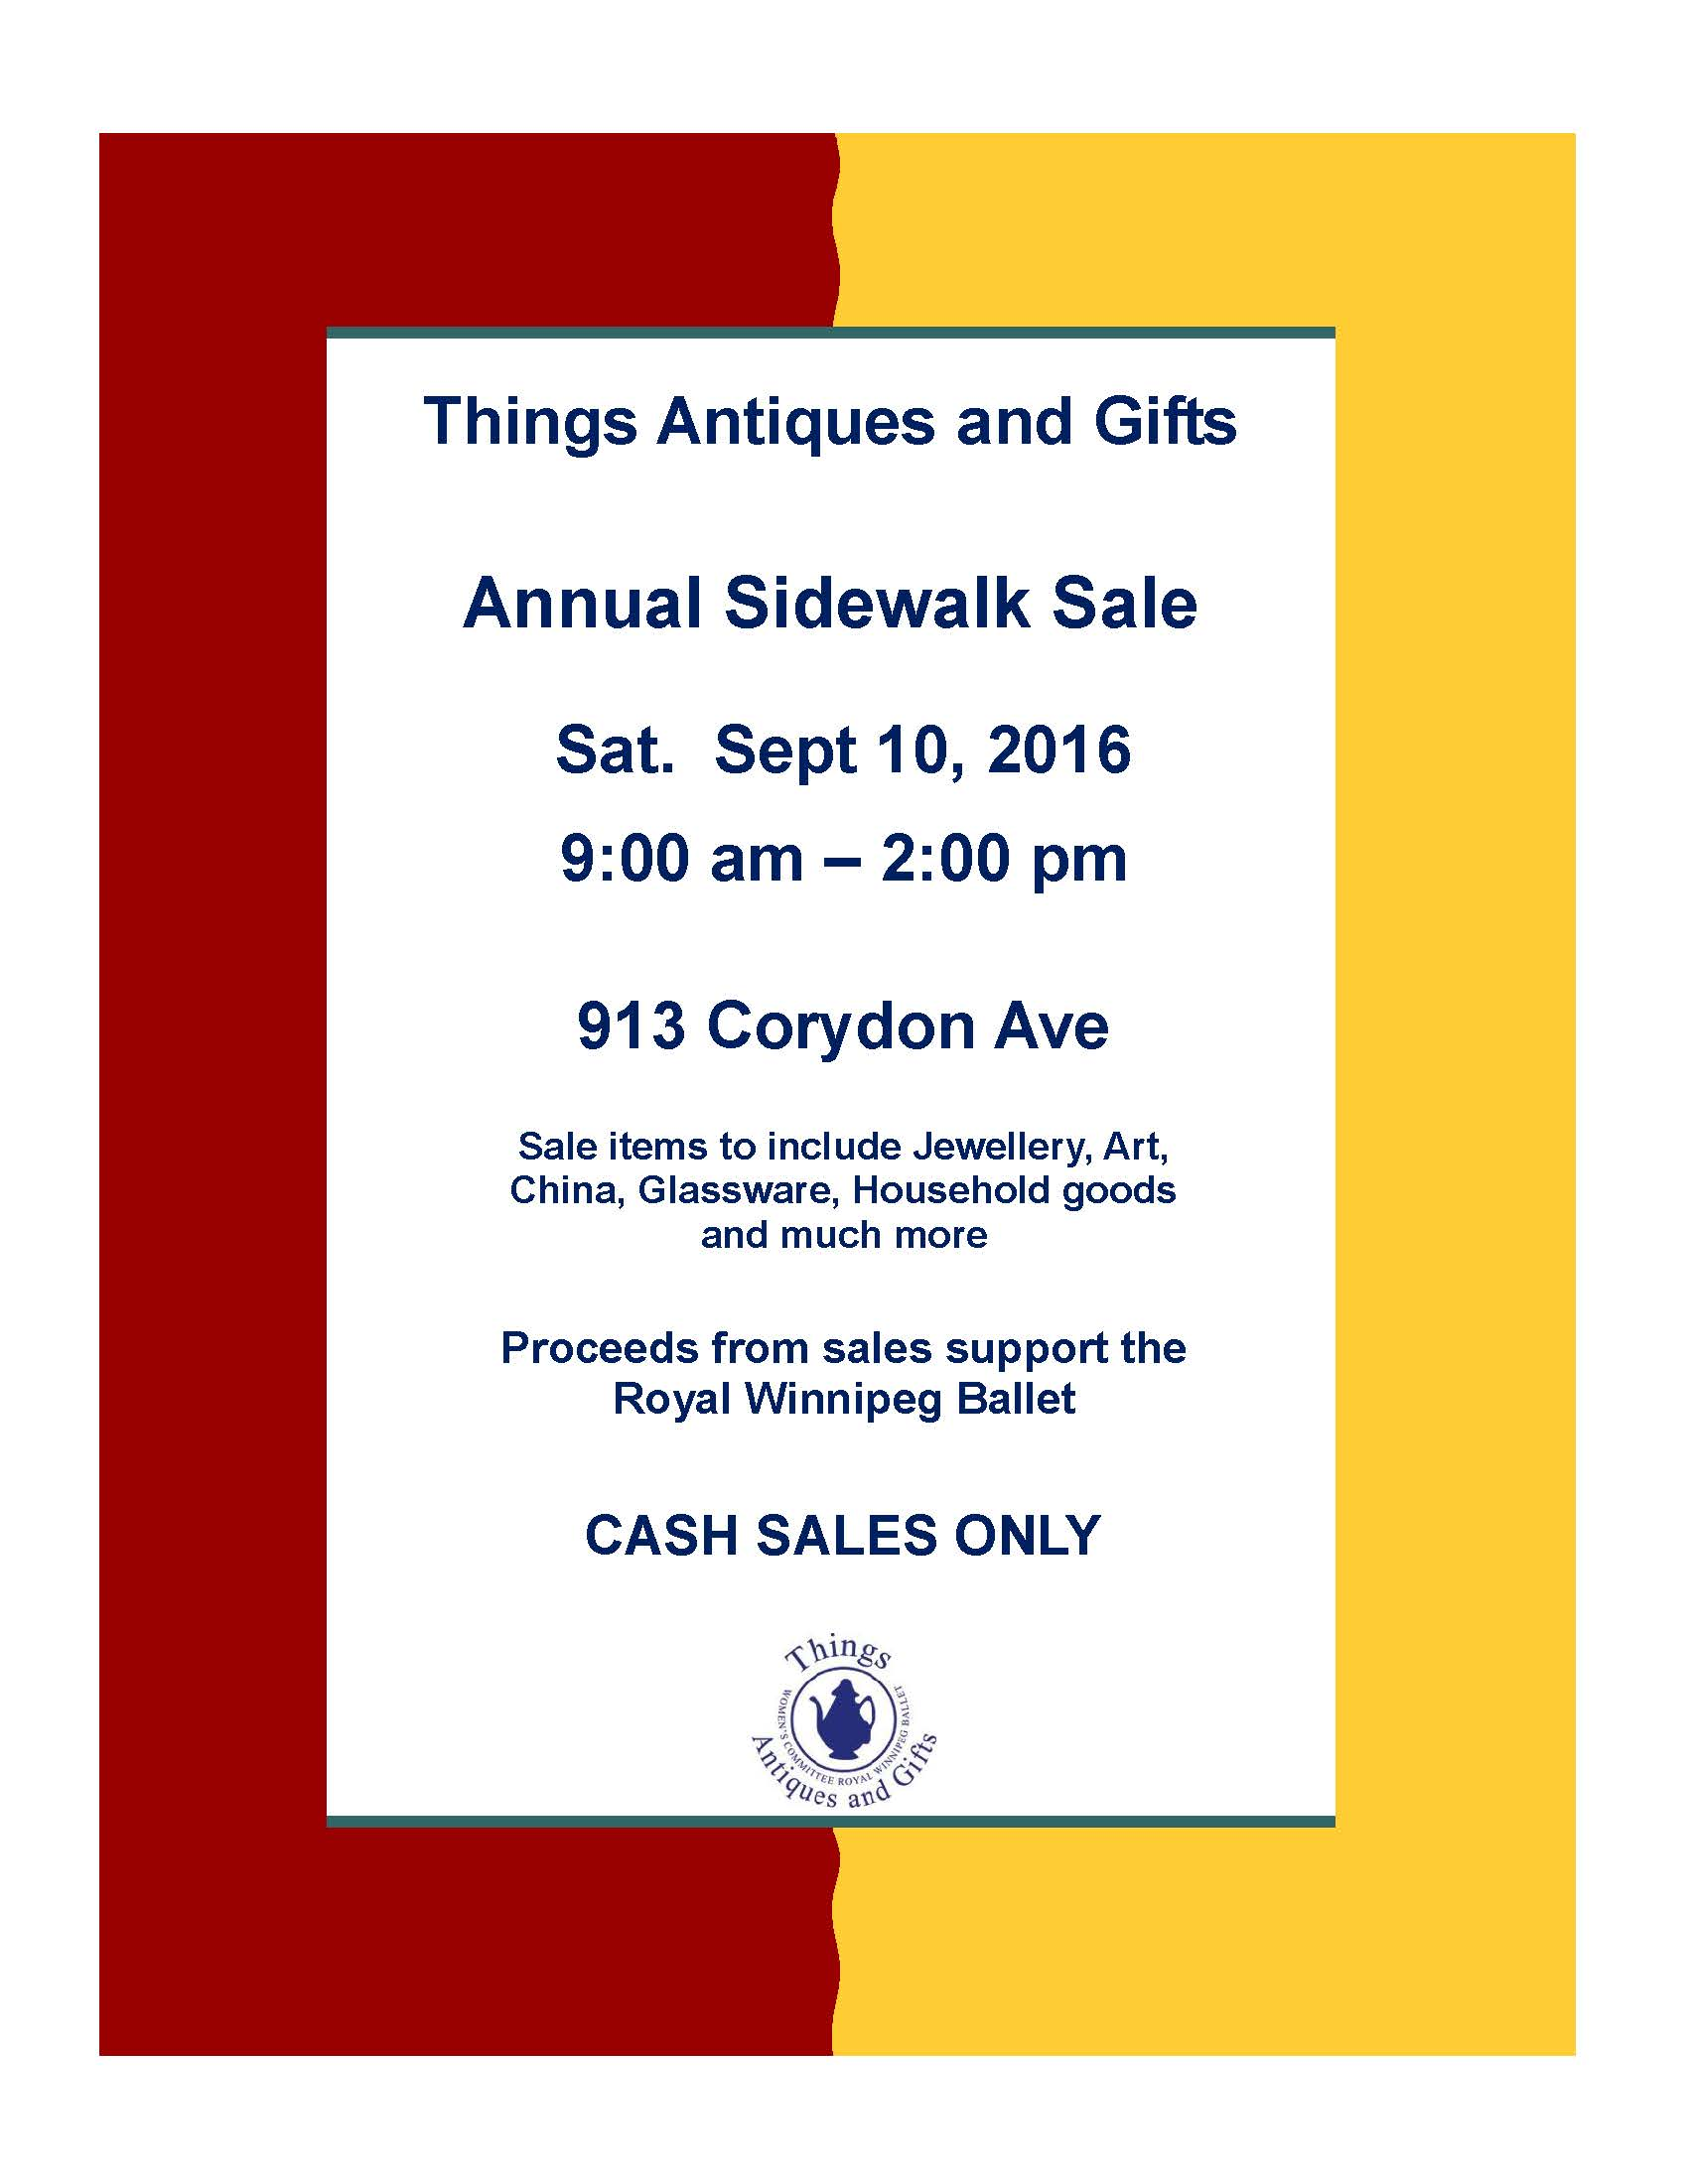 2016 Sidewalk Sale Poster(1).jpg